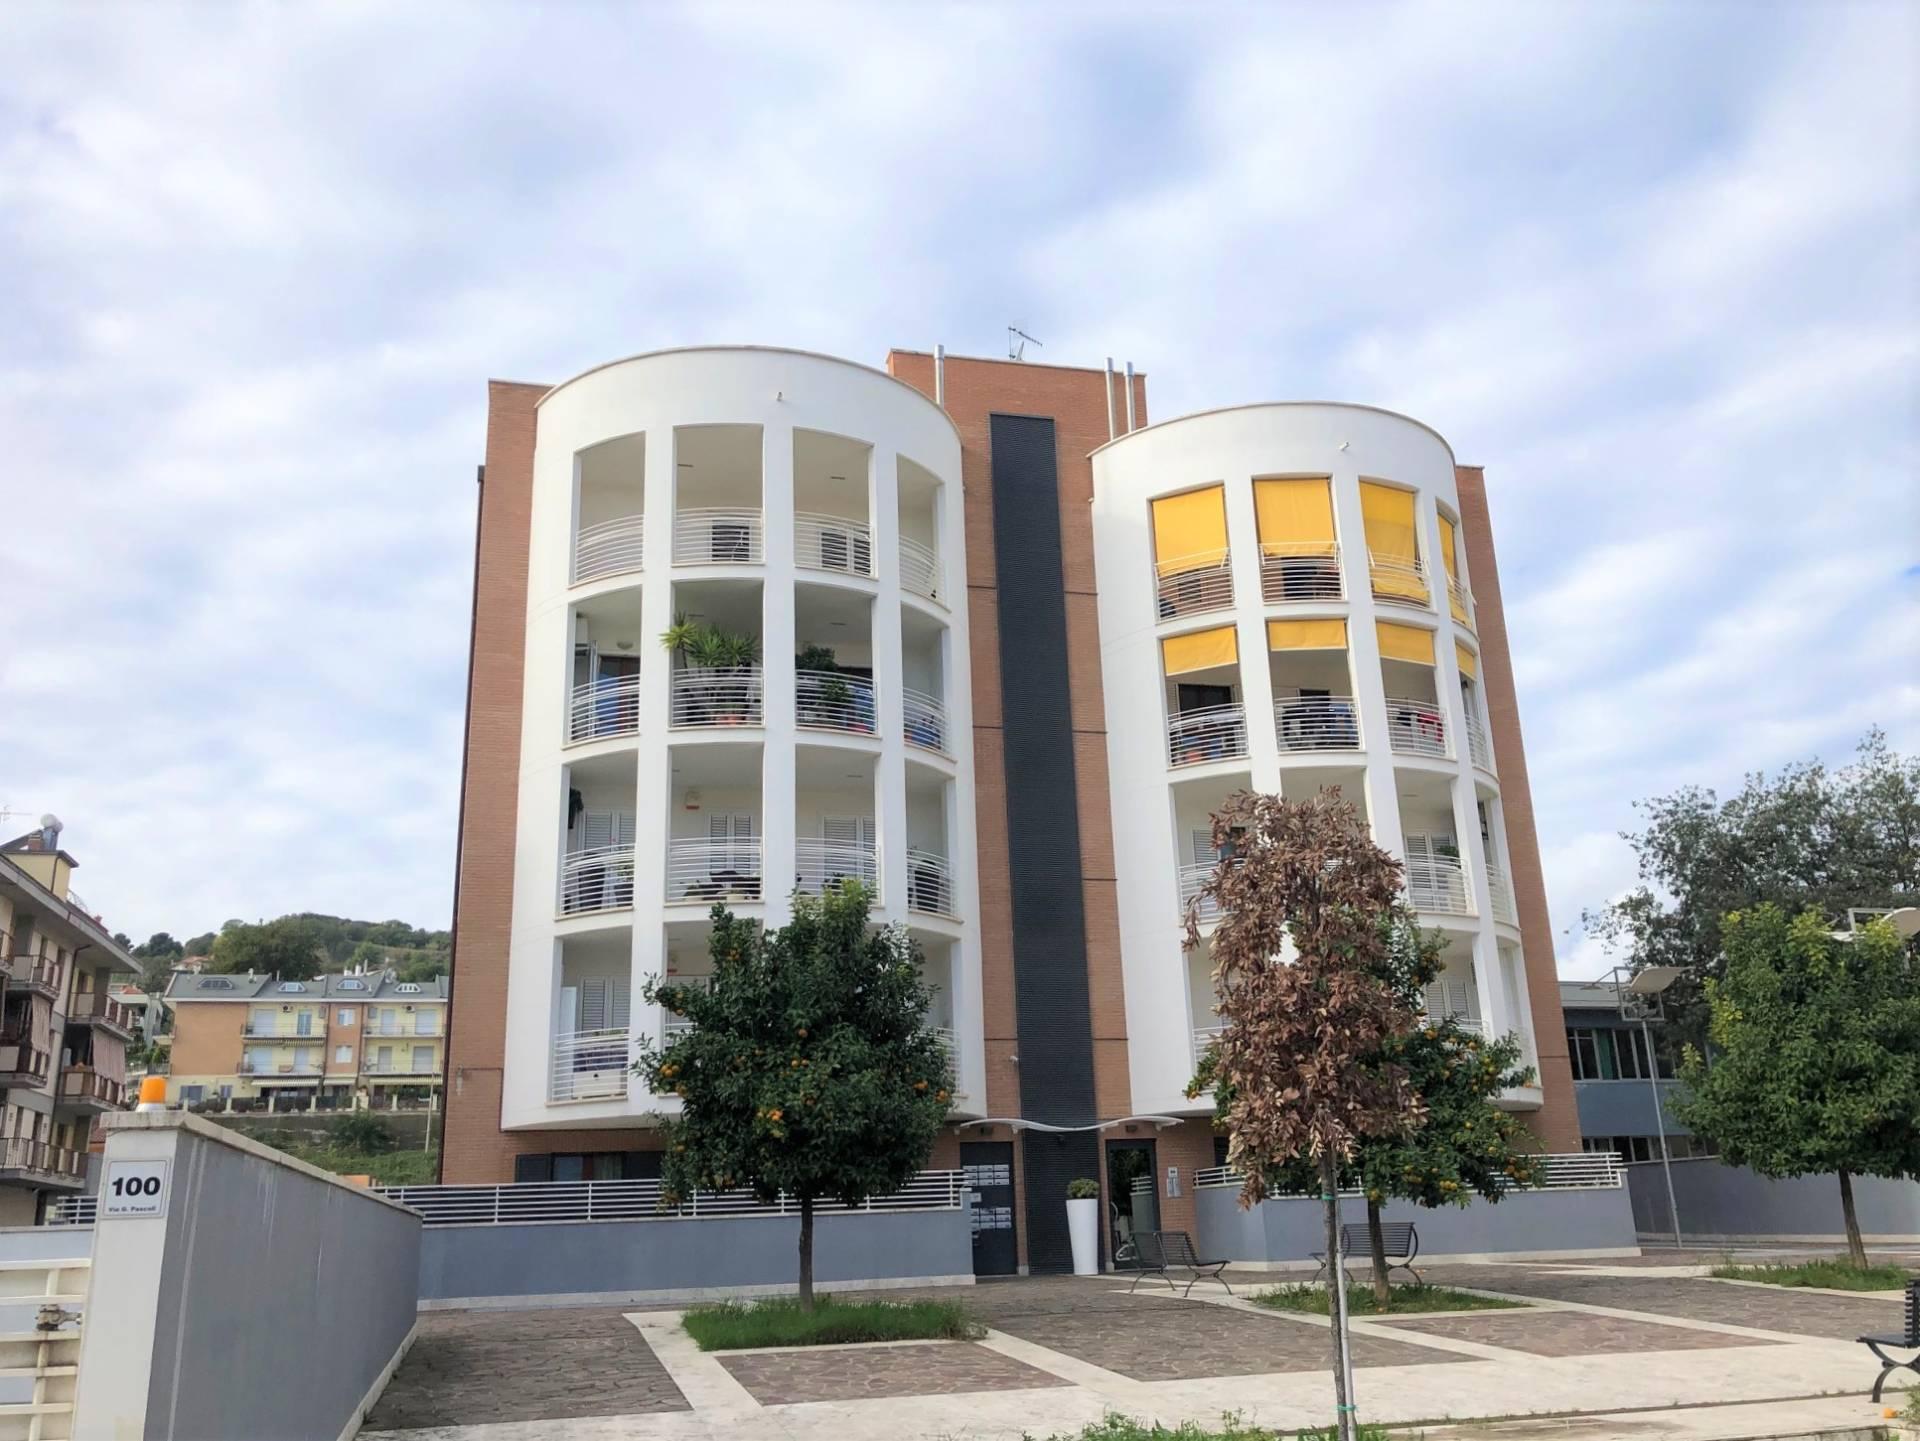 Attico / Mansarda in vendita a Grottammare, 4 locali, zona Località: zonaAscolani, prezzo € 350.000   PortaleAgenzieImmobiliari.it